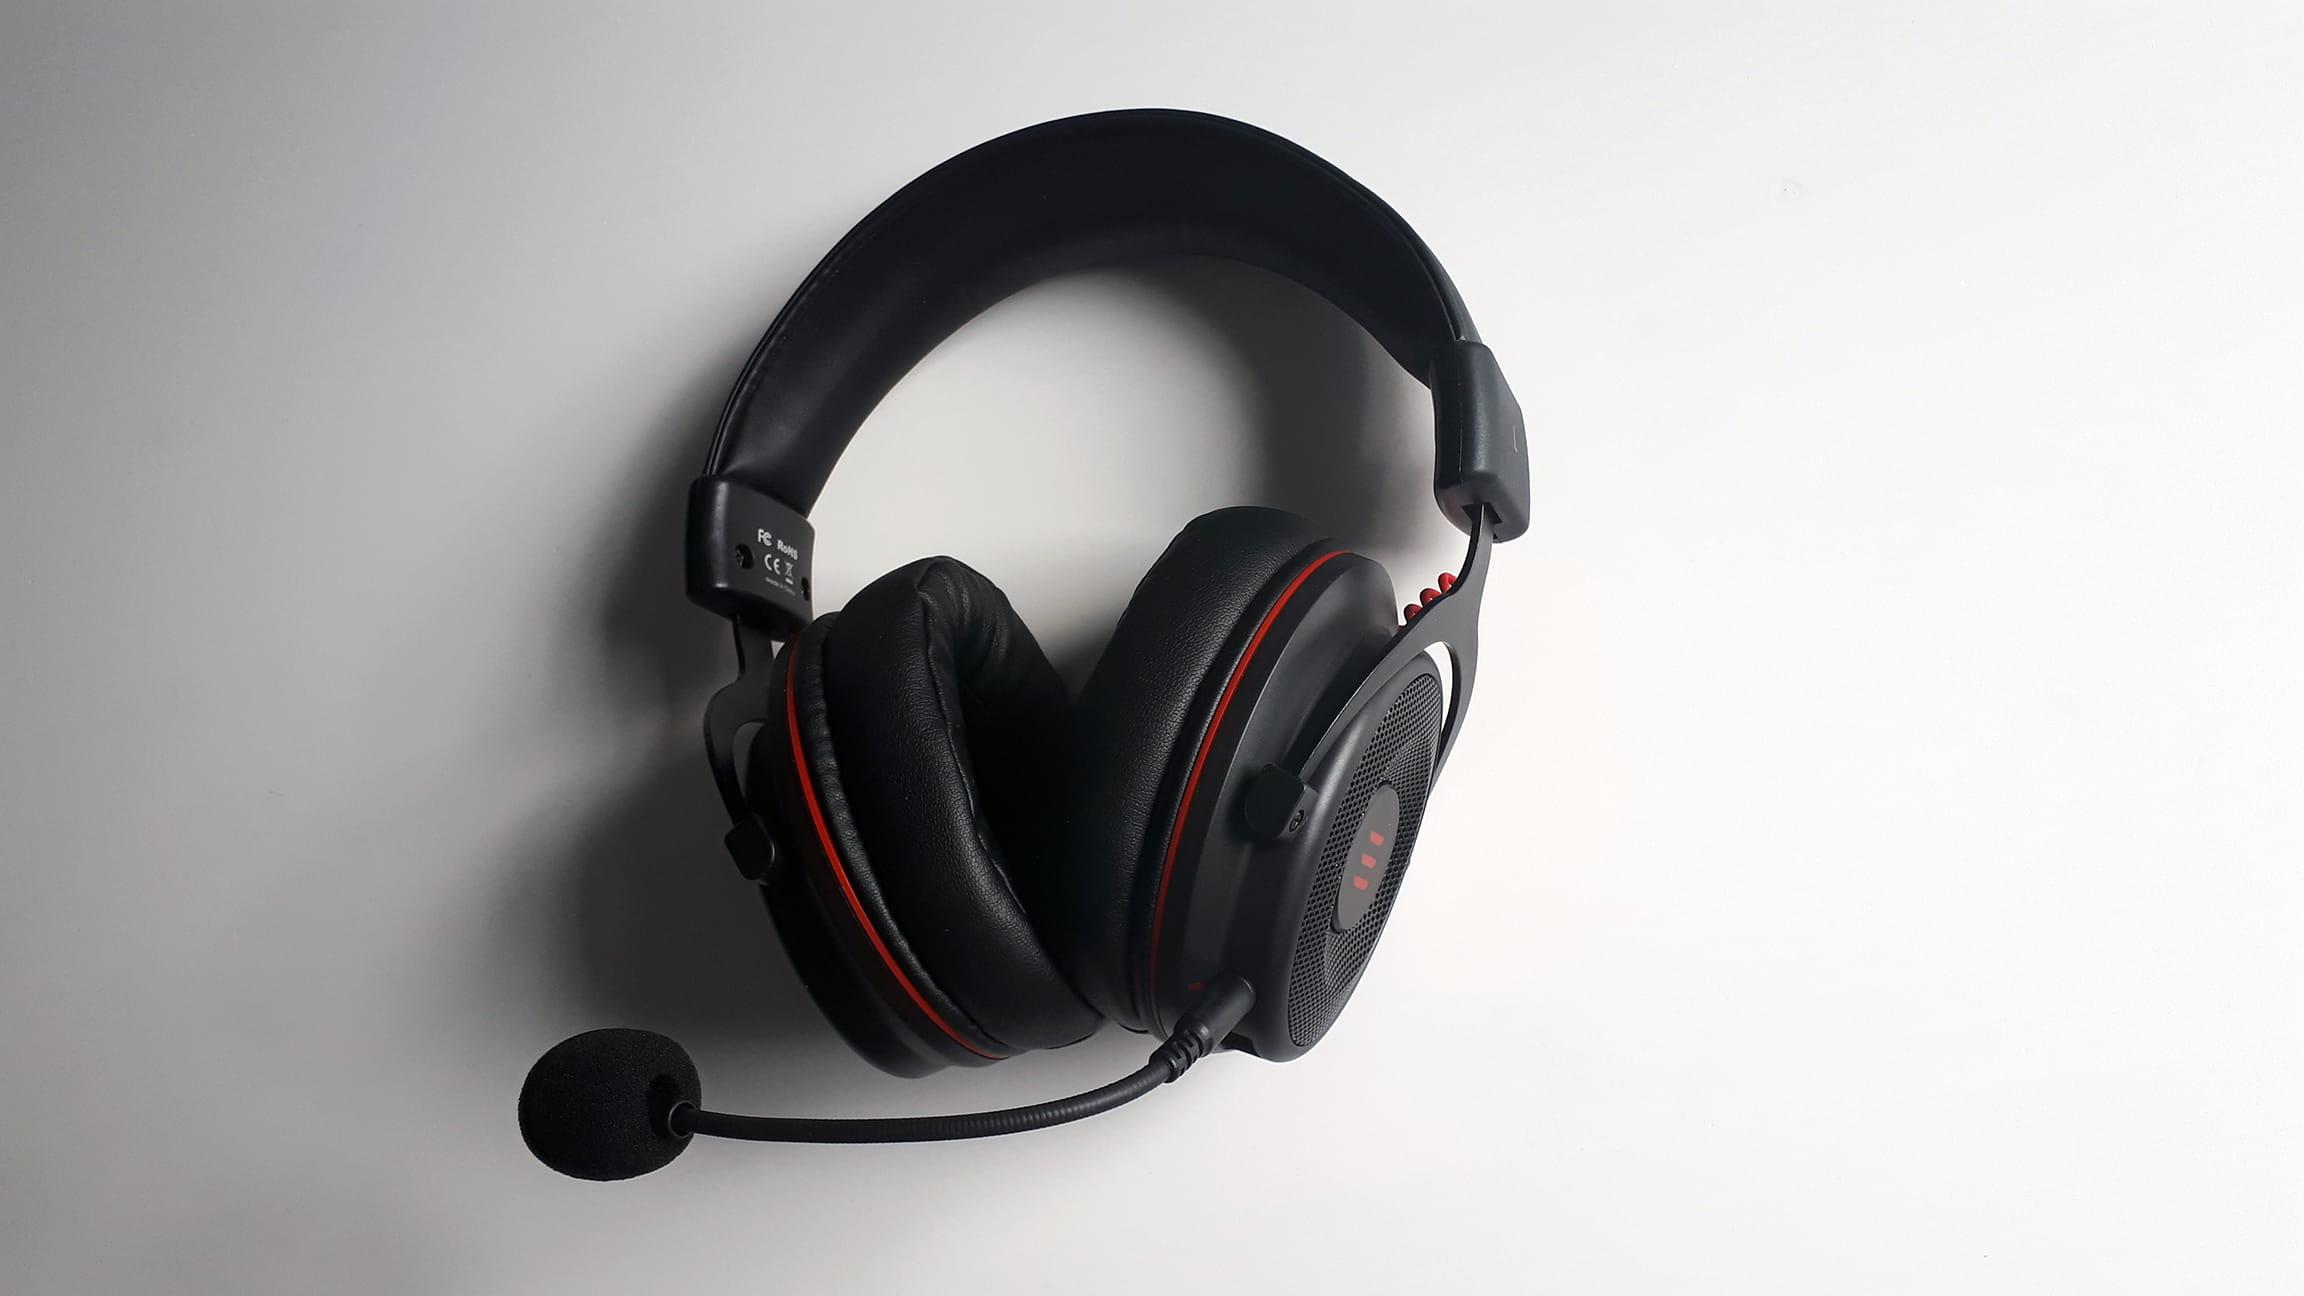 EKSA E900 Pro Headset -Impressions